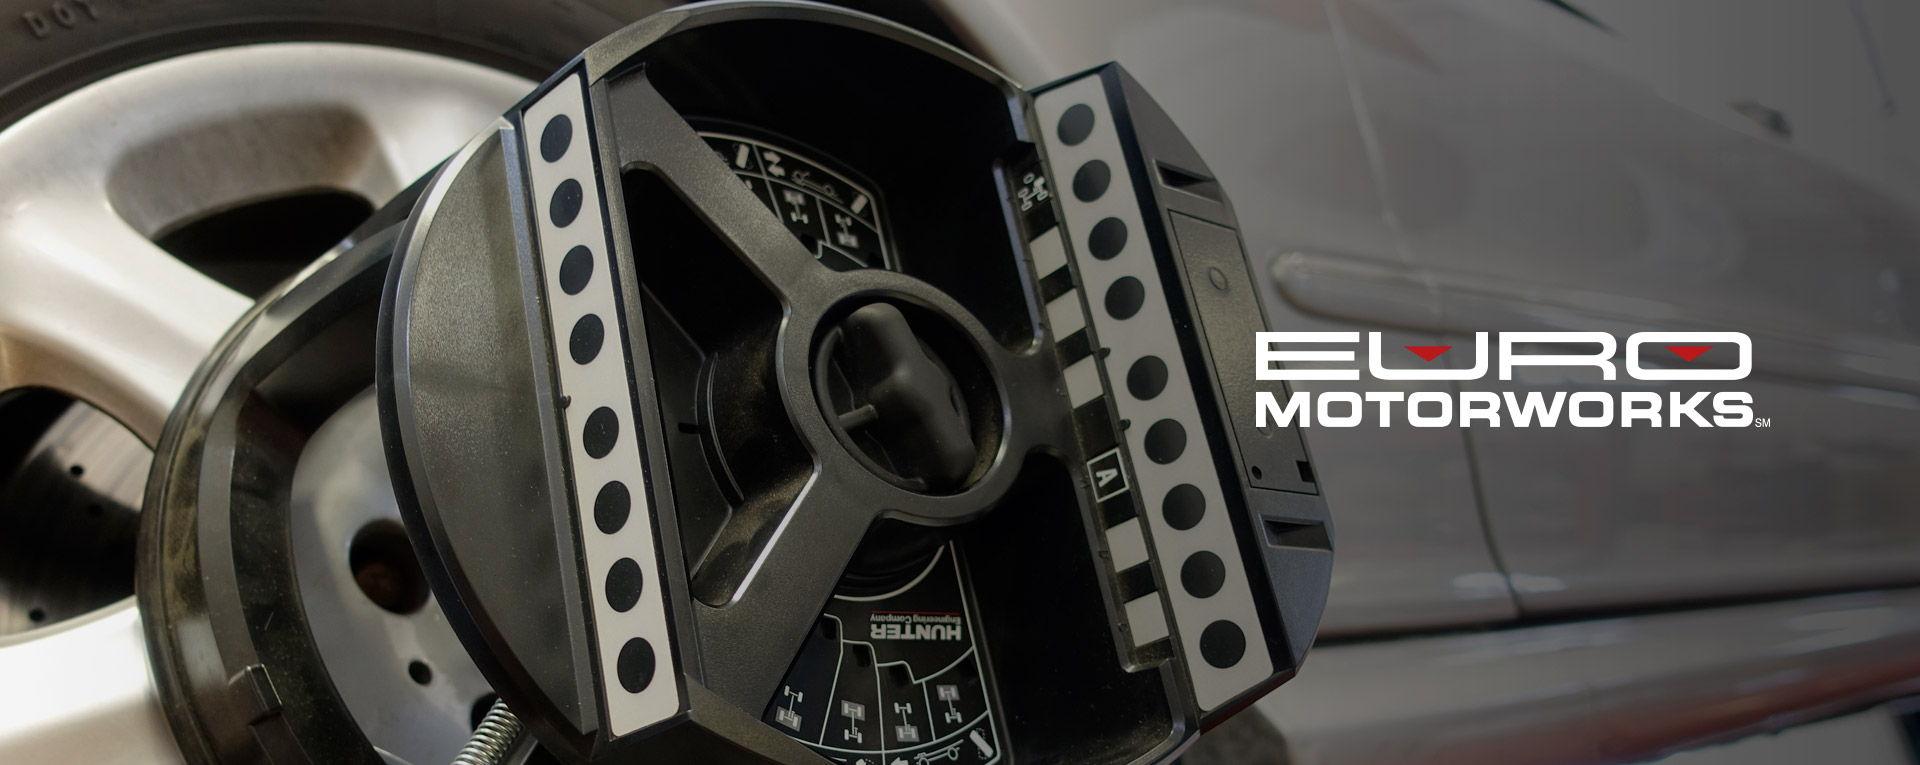 Euro Motorworks